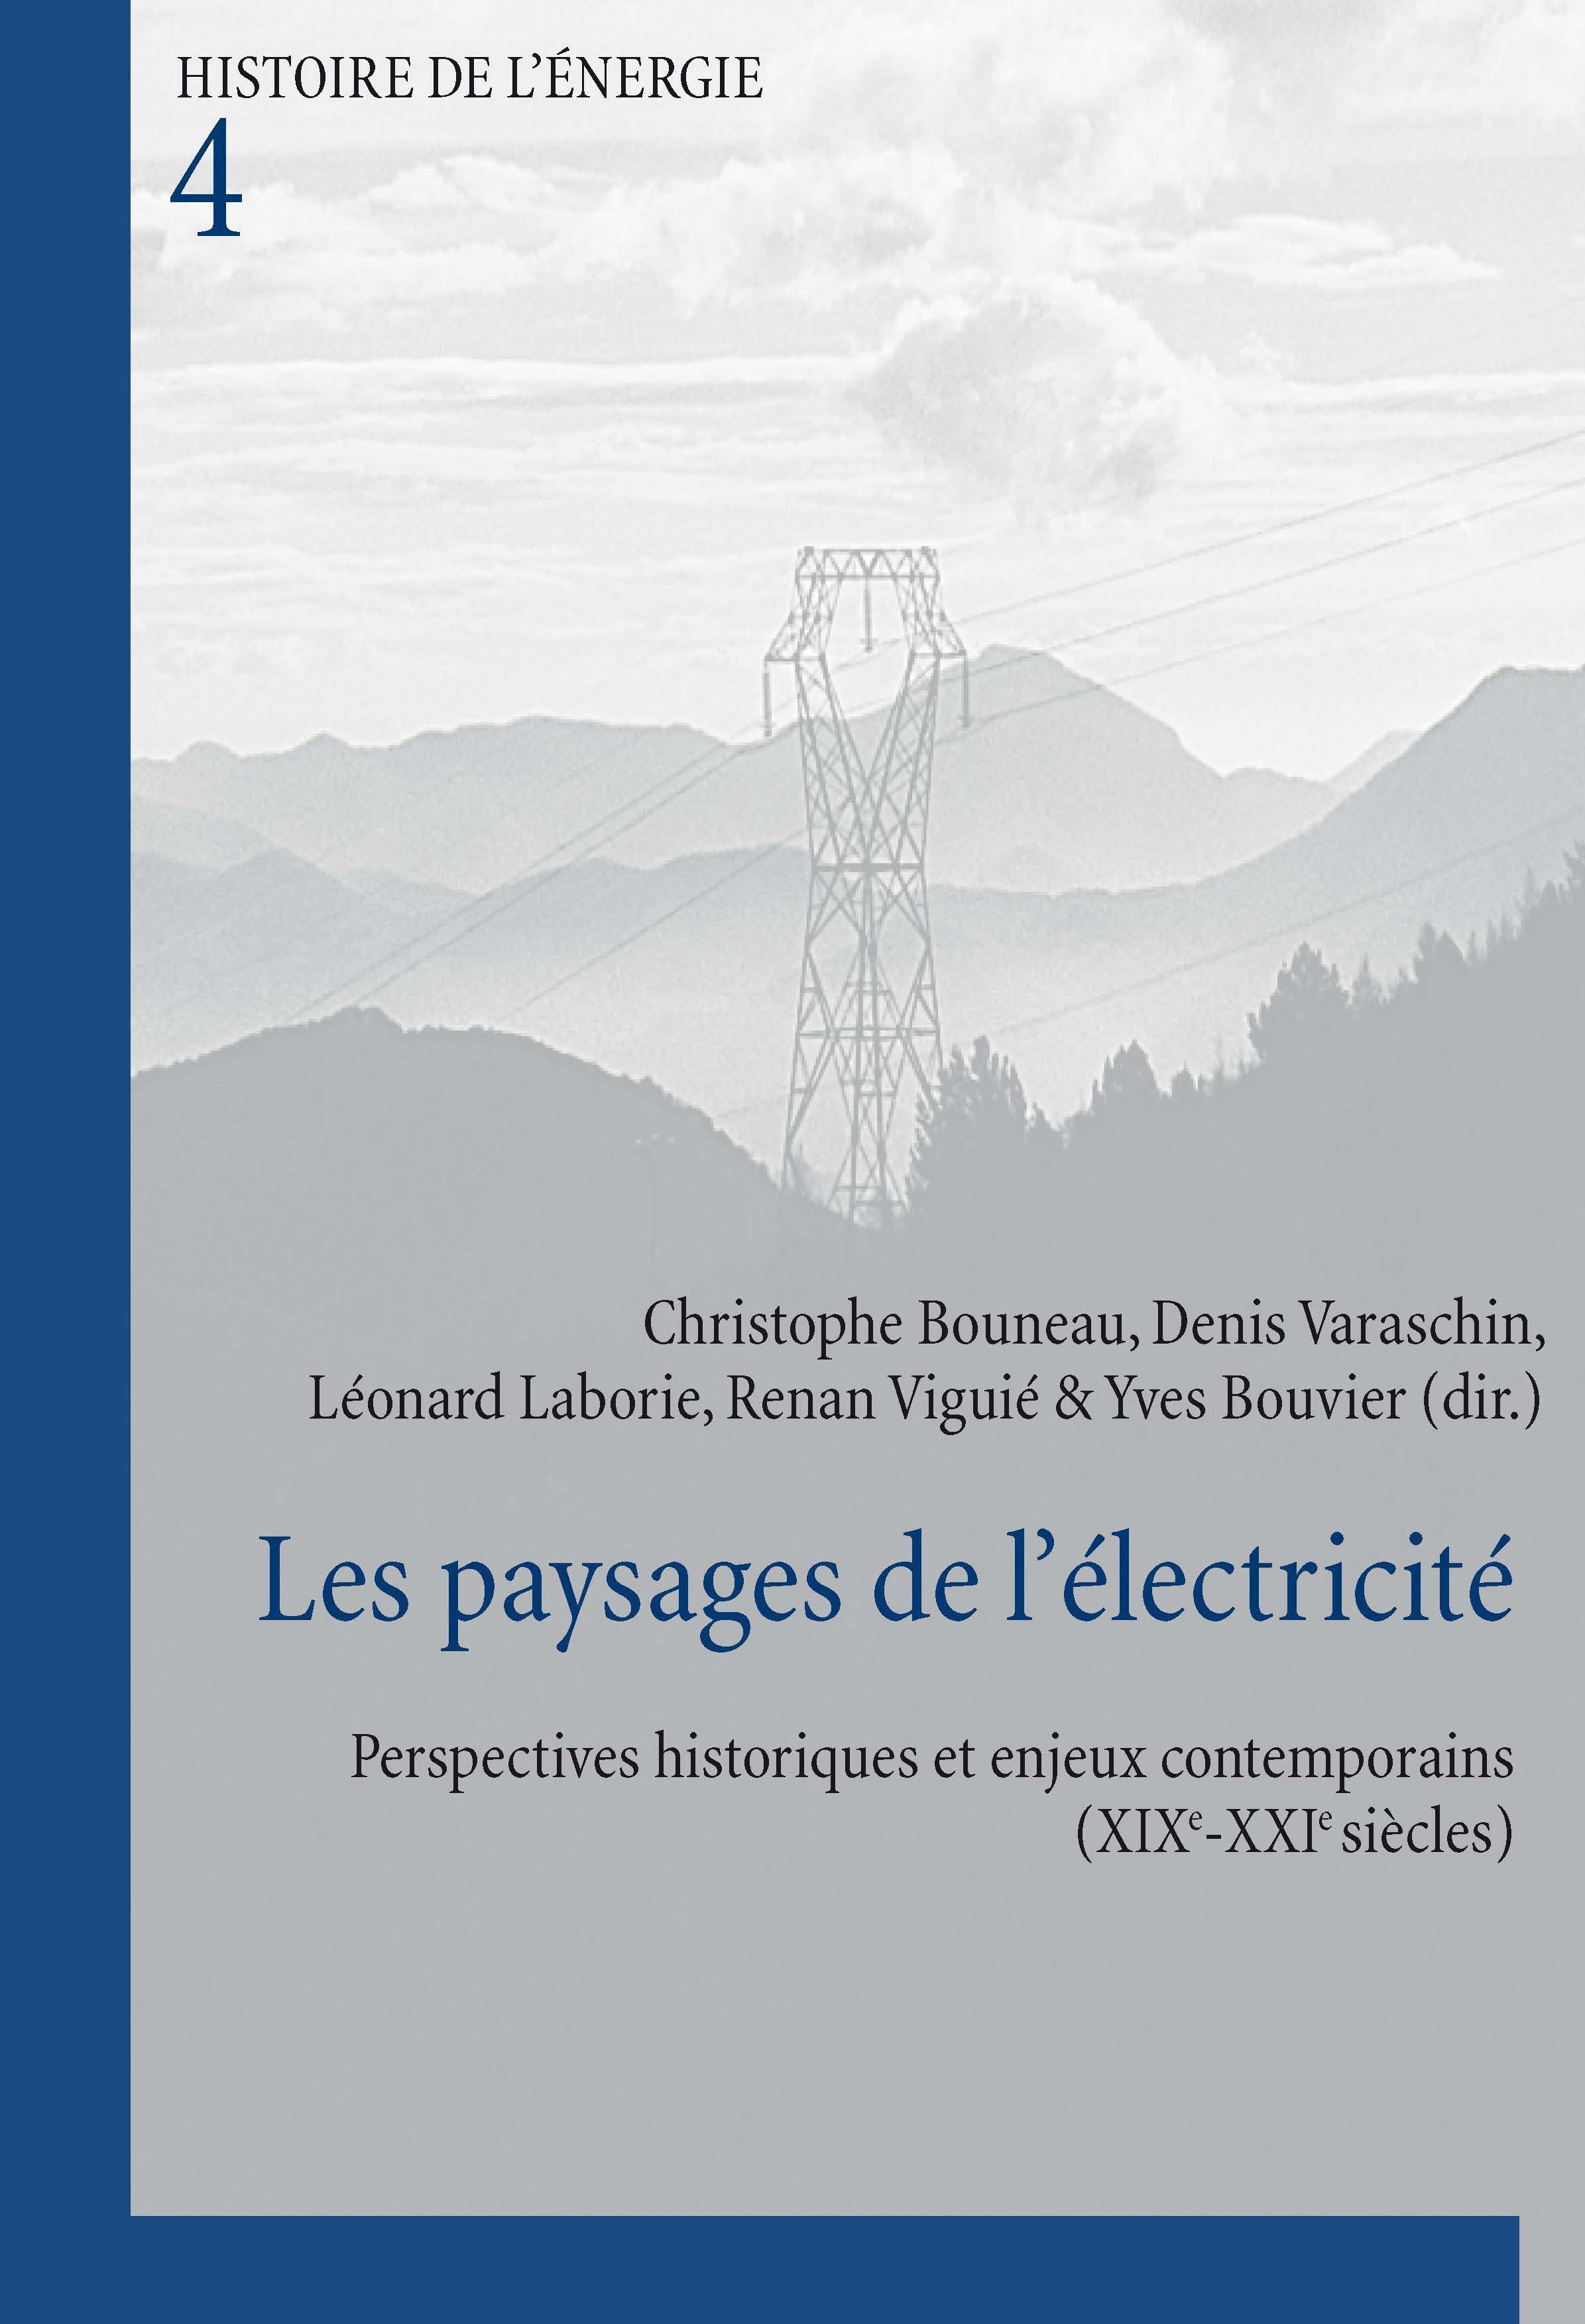 LES PAYSAGES DE L'ELECTRICITE